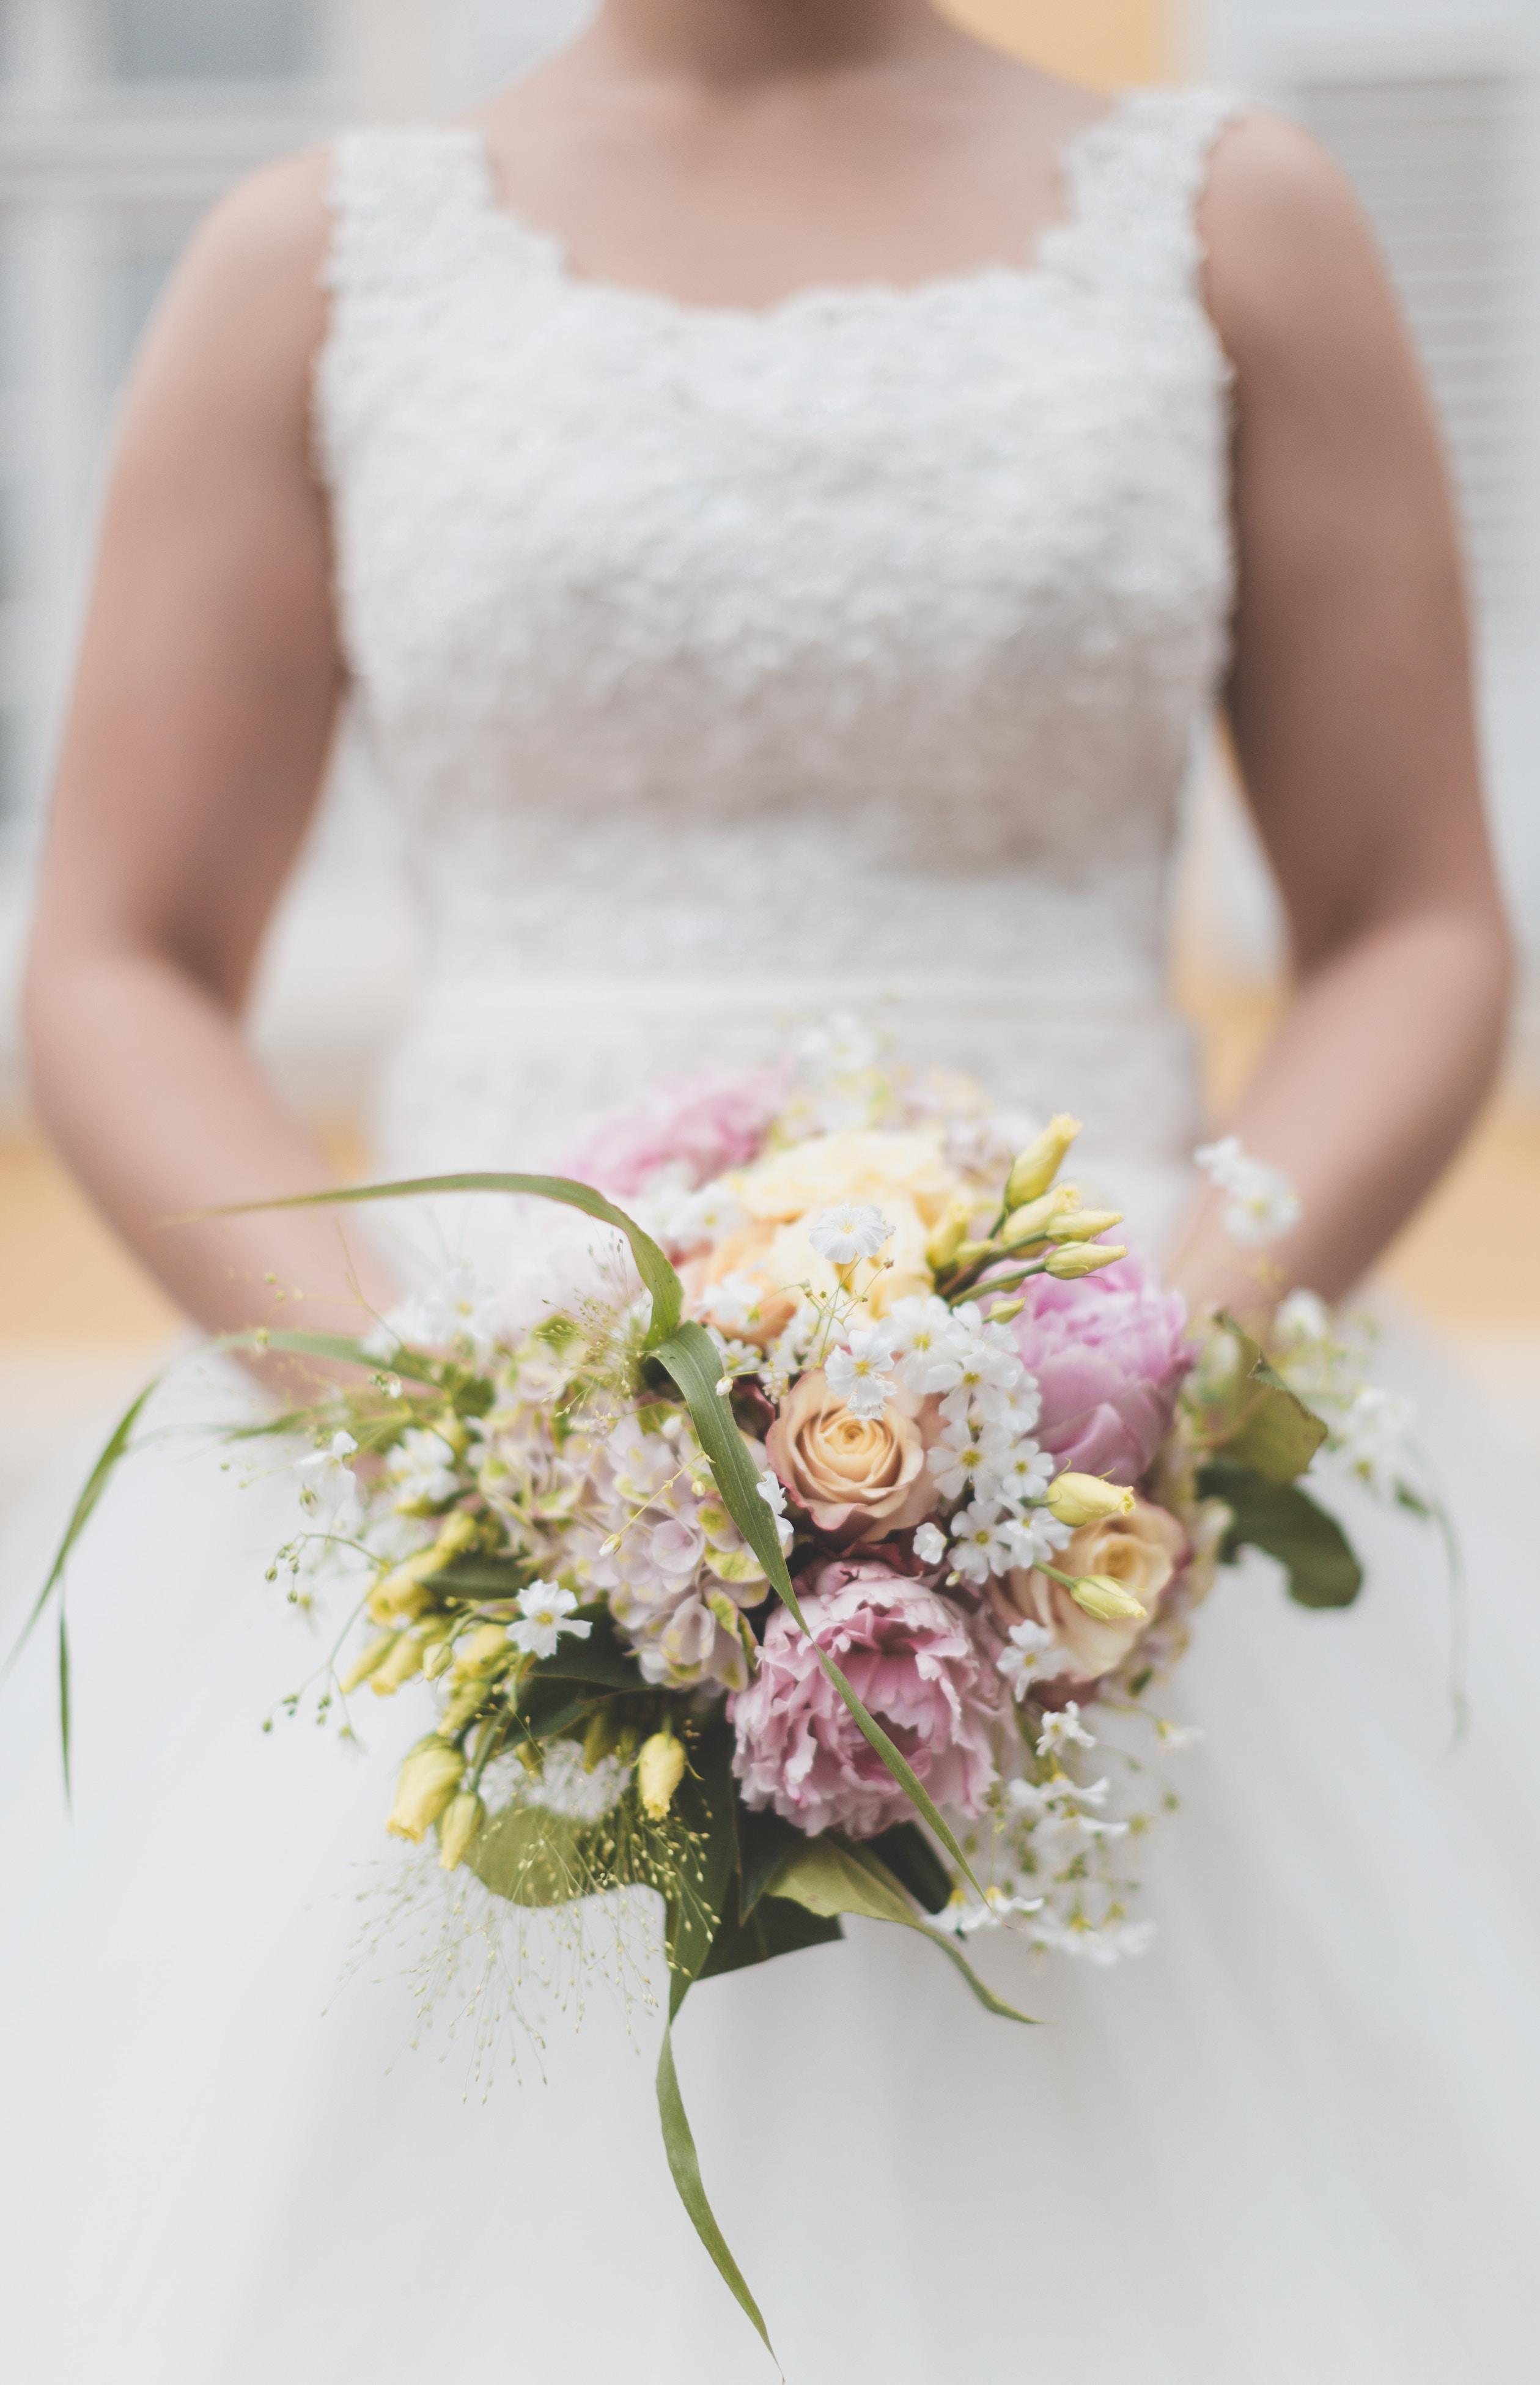 Molto Bouquet da sposa: il significato dei fiori - Blog Consigli  DU03